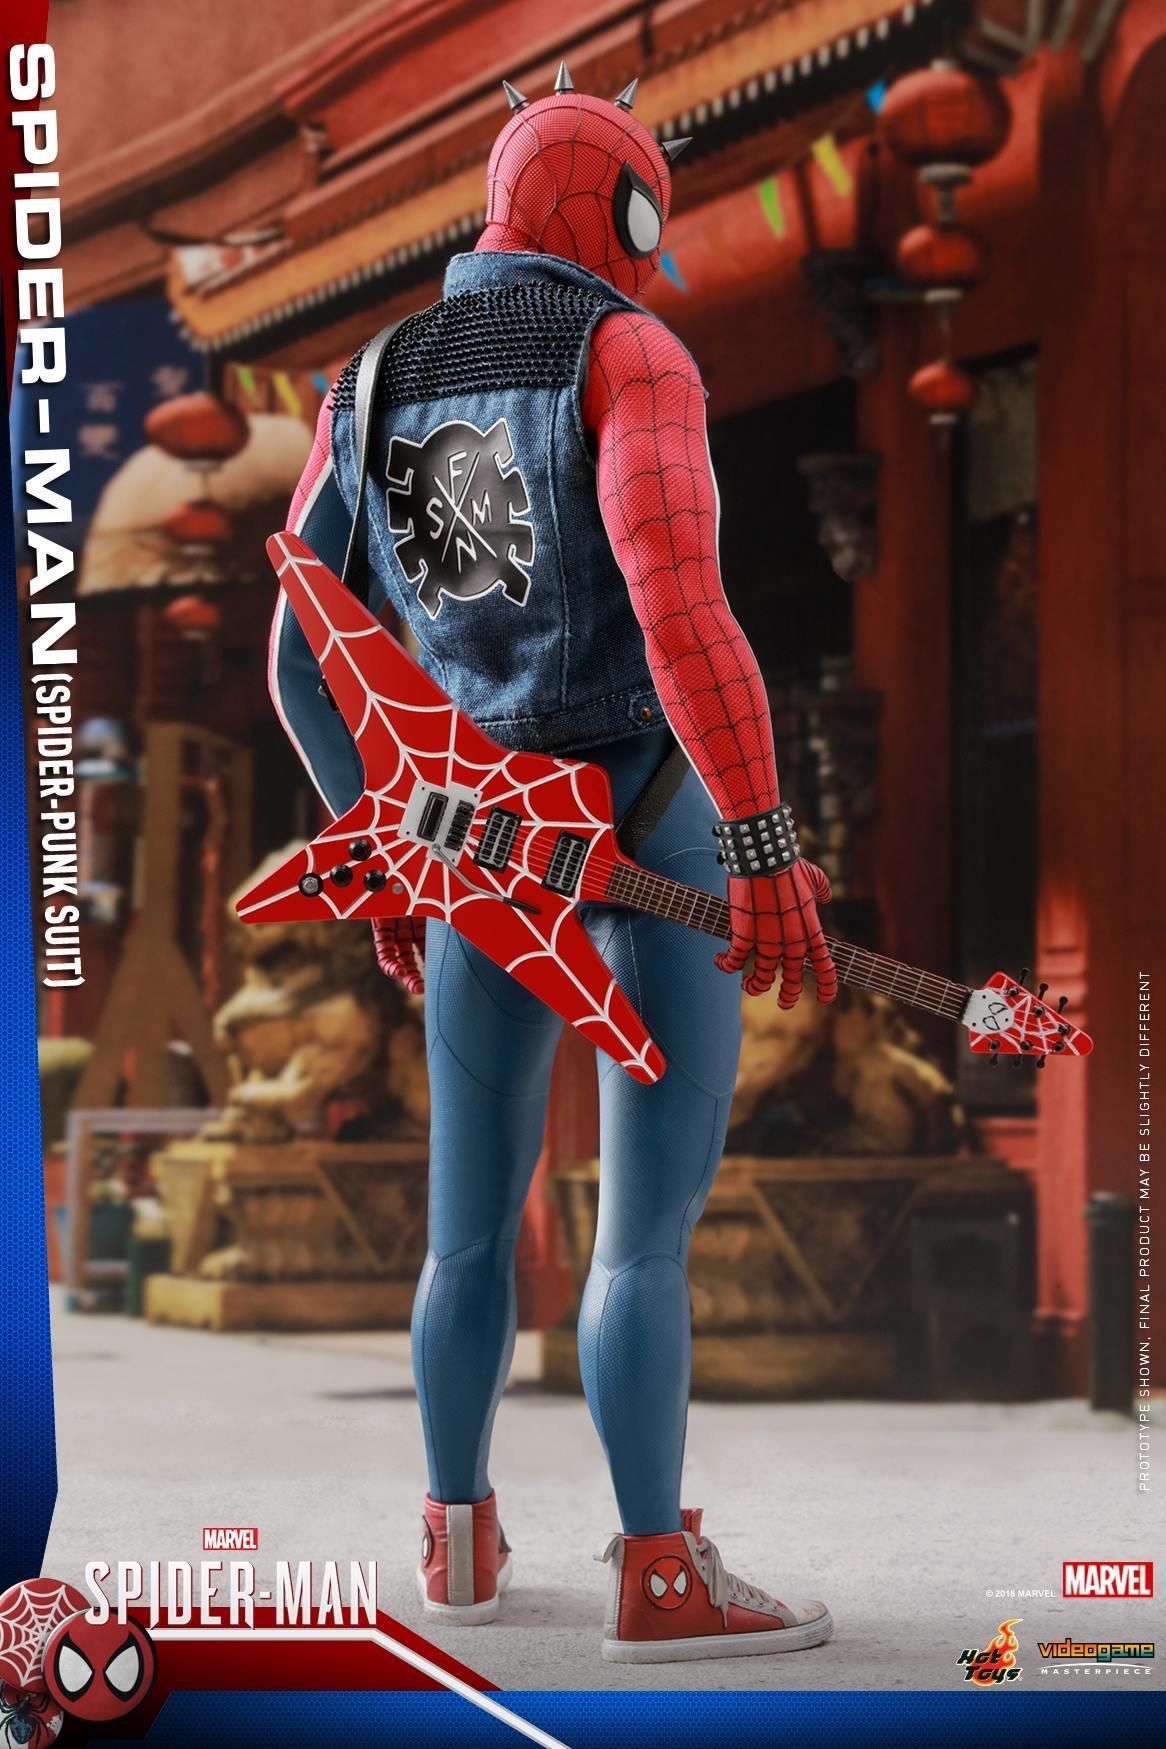 MarvelsSpiderManSpiderPunkSuitCollectibleFigure